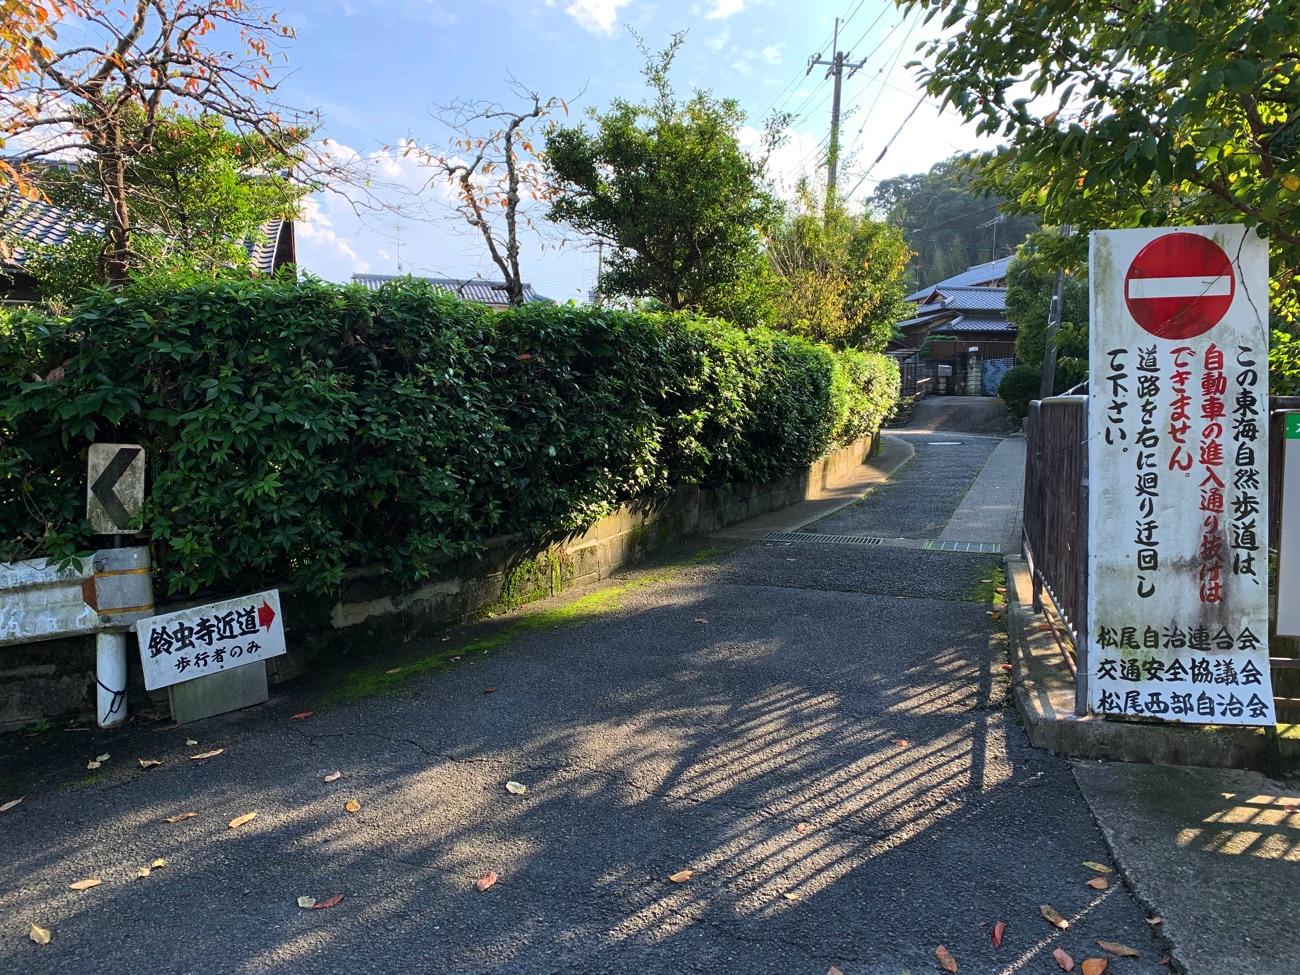 「鈴虫寺」までの道順を示す看板